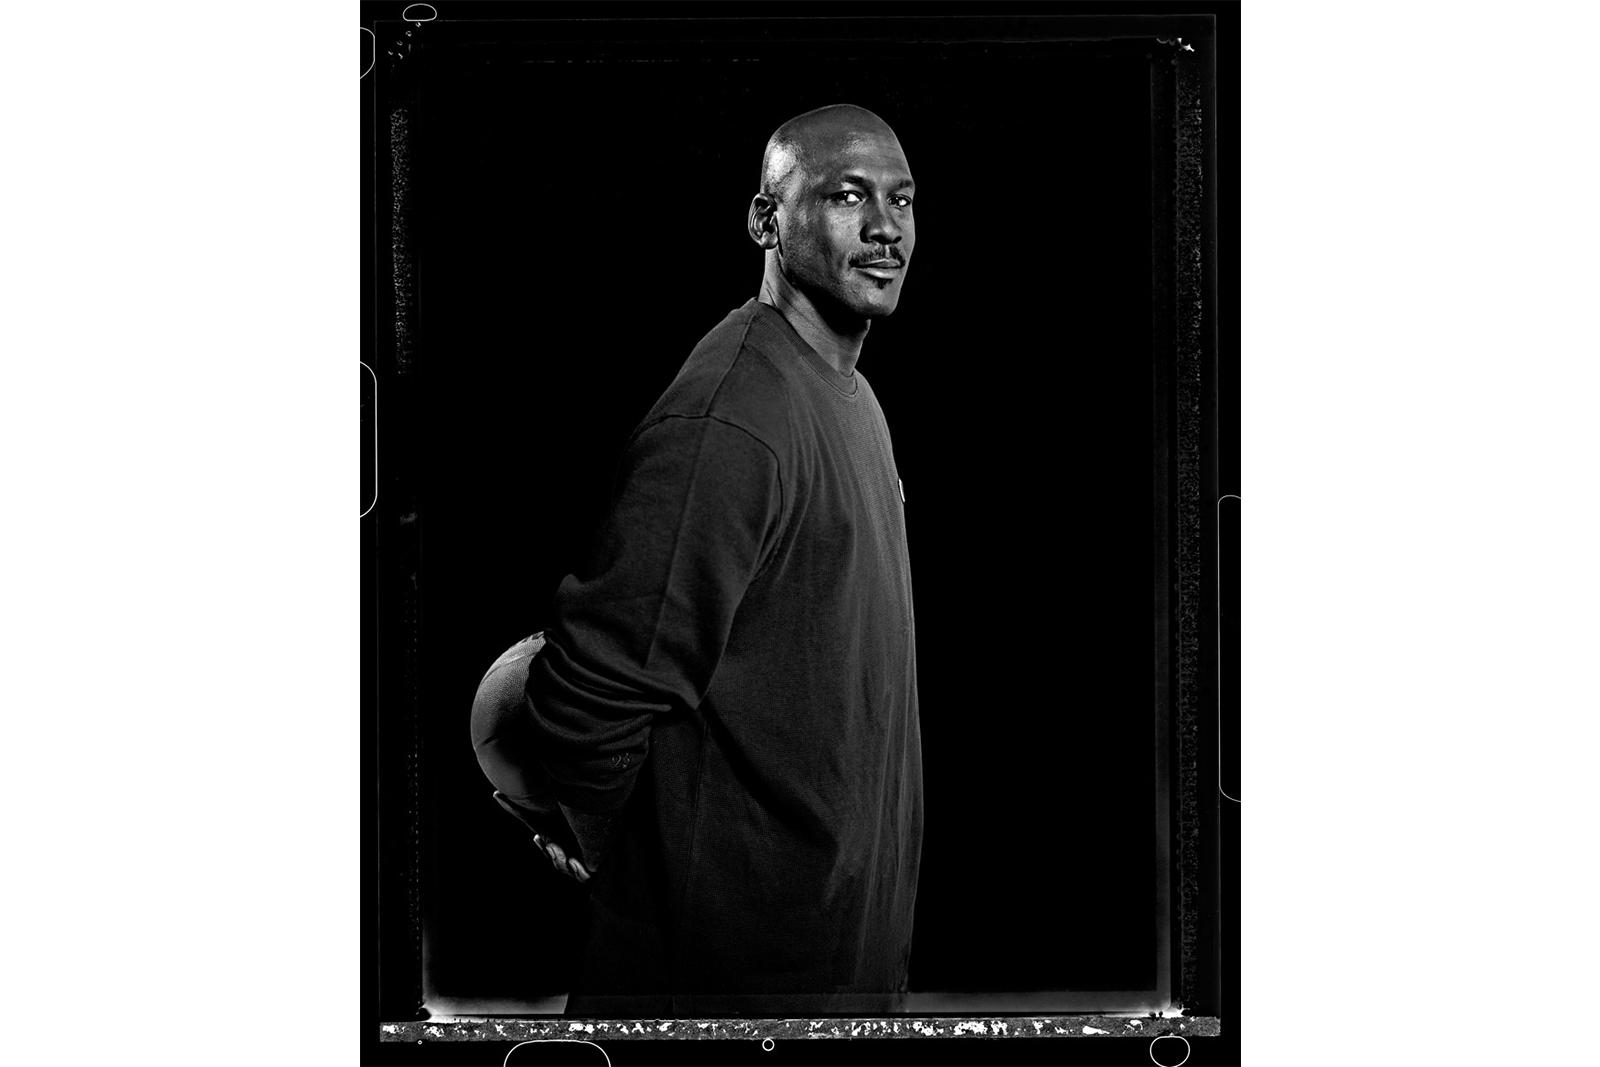 Atiba Jefferson 滑板攝影師鏡頭下的 Hip-Hop 與 NBA 「巨星」。